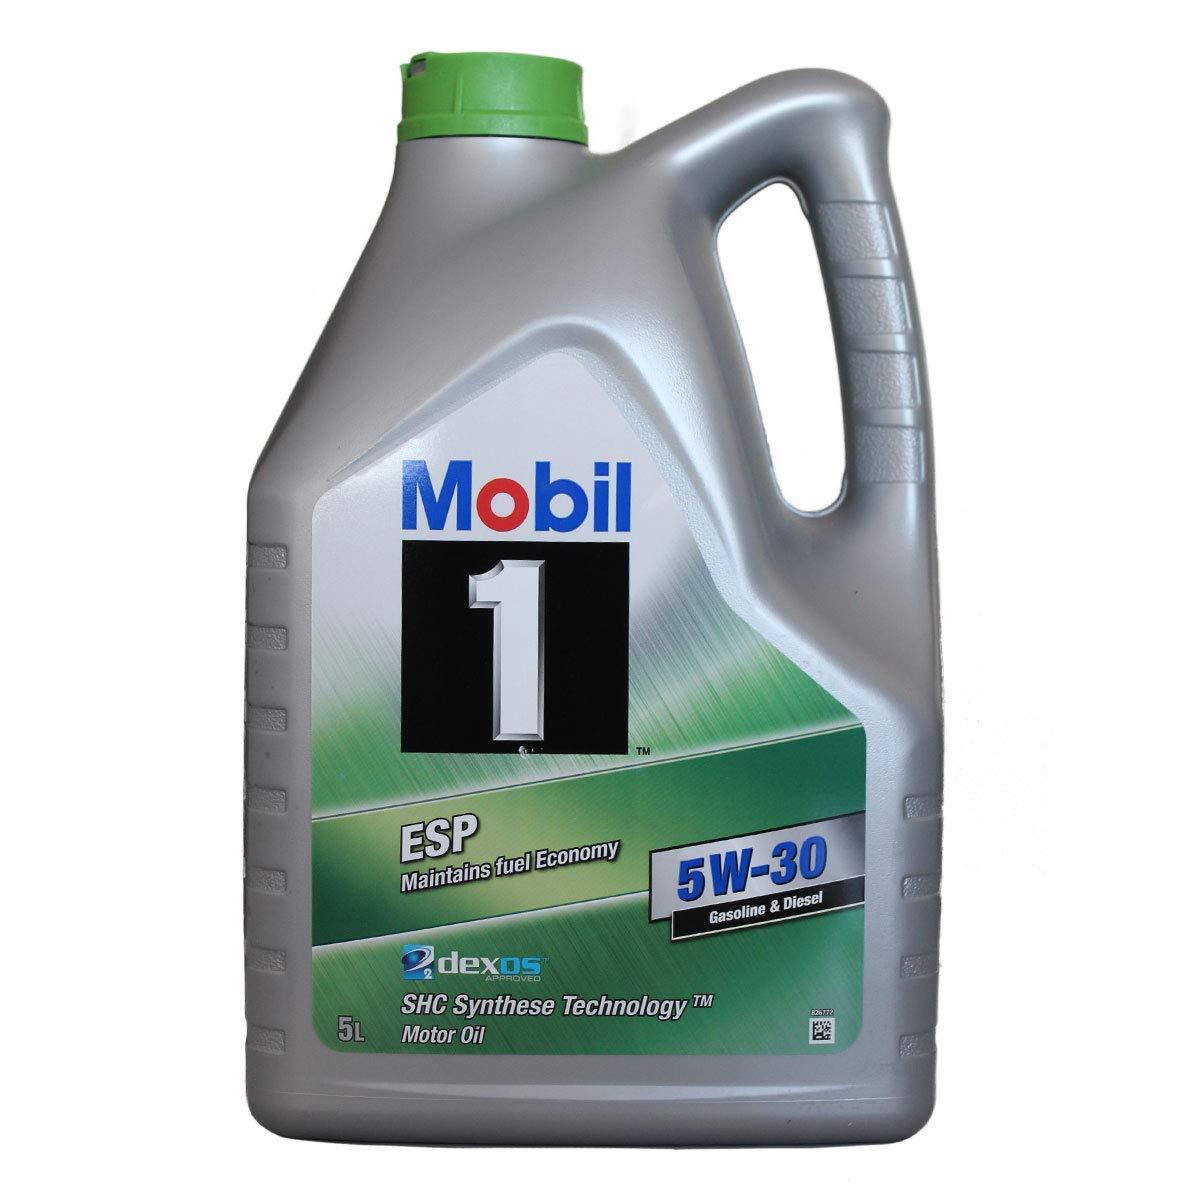 Mobil1 Esp Formula 5w30